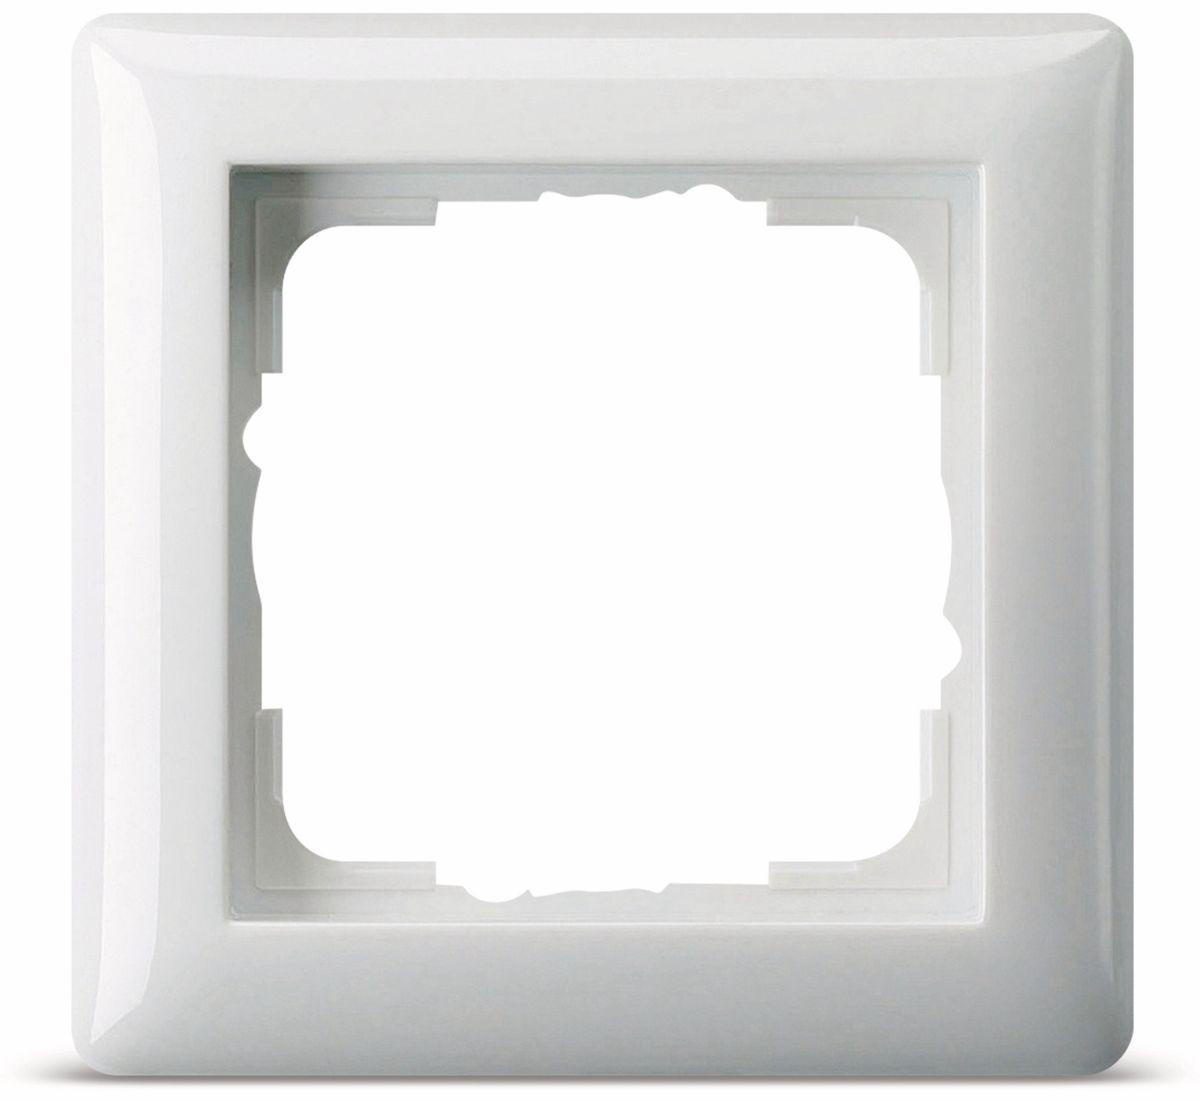 Steckdosen-Einsatz GIRA System 55, 018803, reinweiß